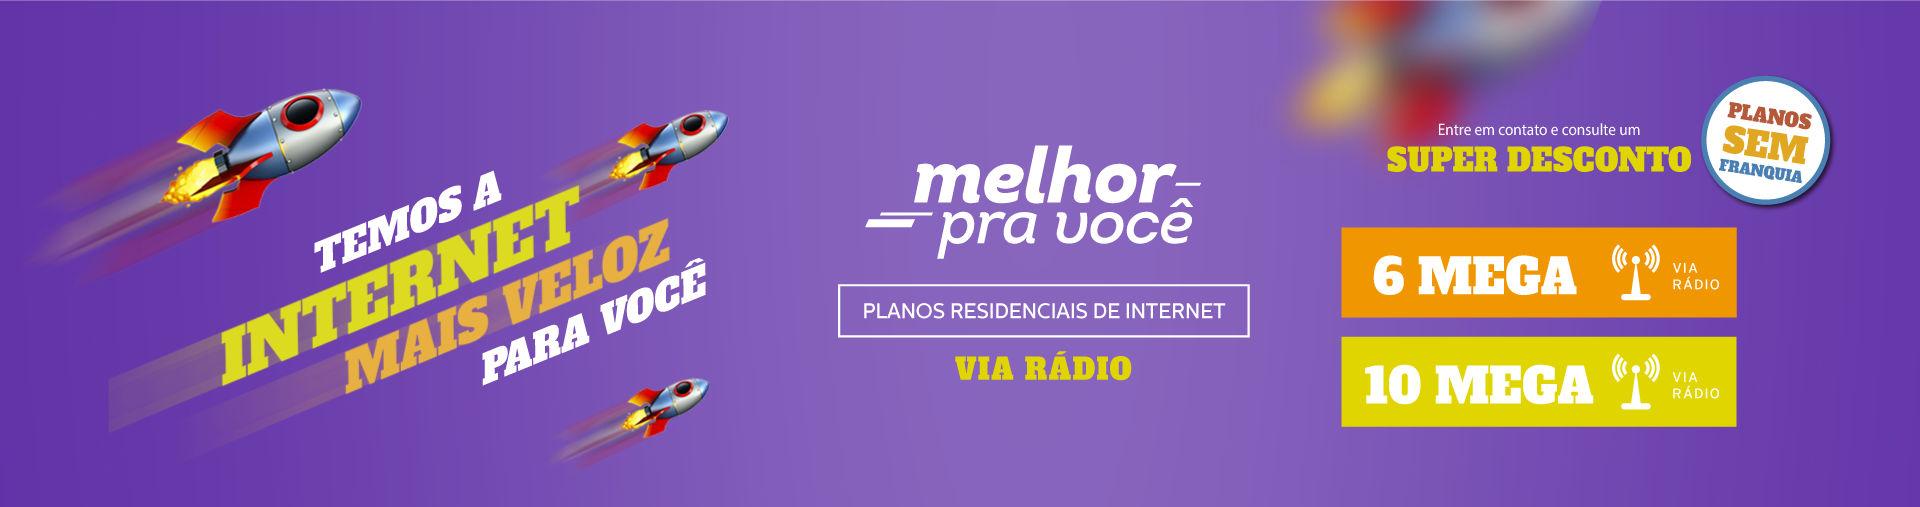 Planos Residenciais de Internet - Via Rádio